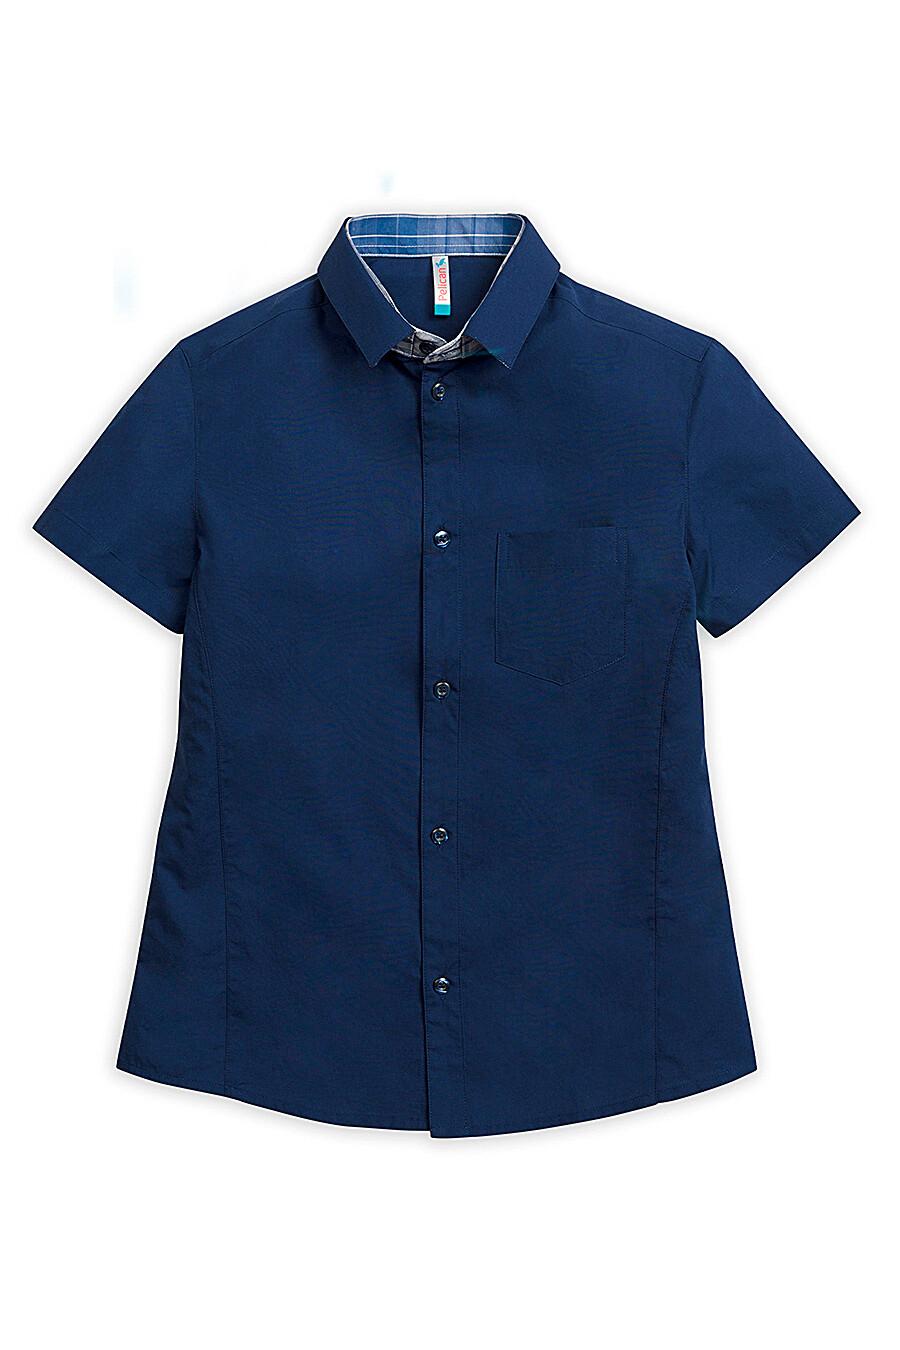 Сорочка для мальчиков PELICAN 218577 купить оптом от производителя. Совместная покупка детской одежды в OptMoyo